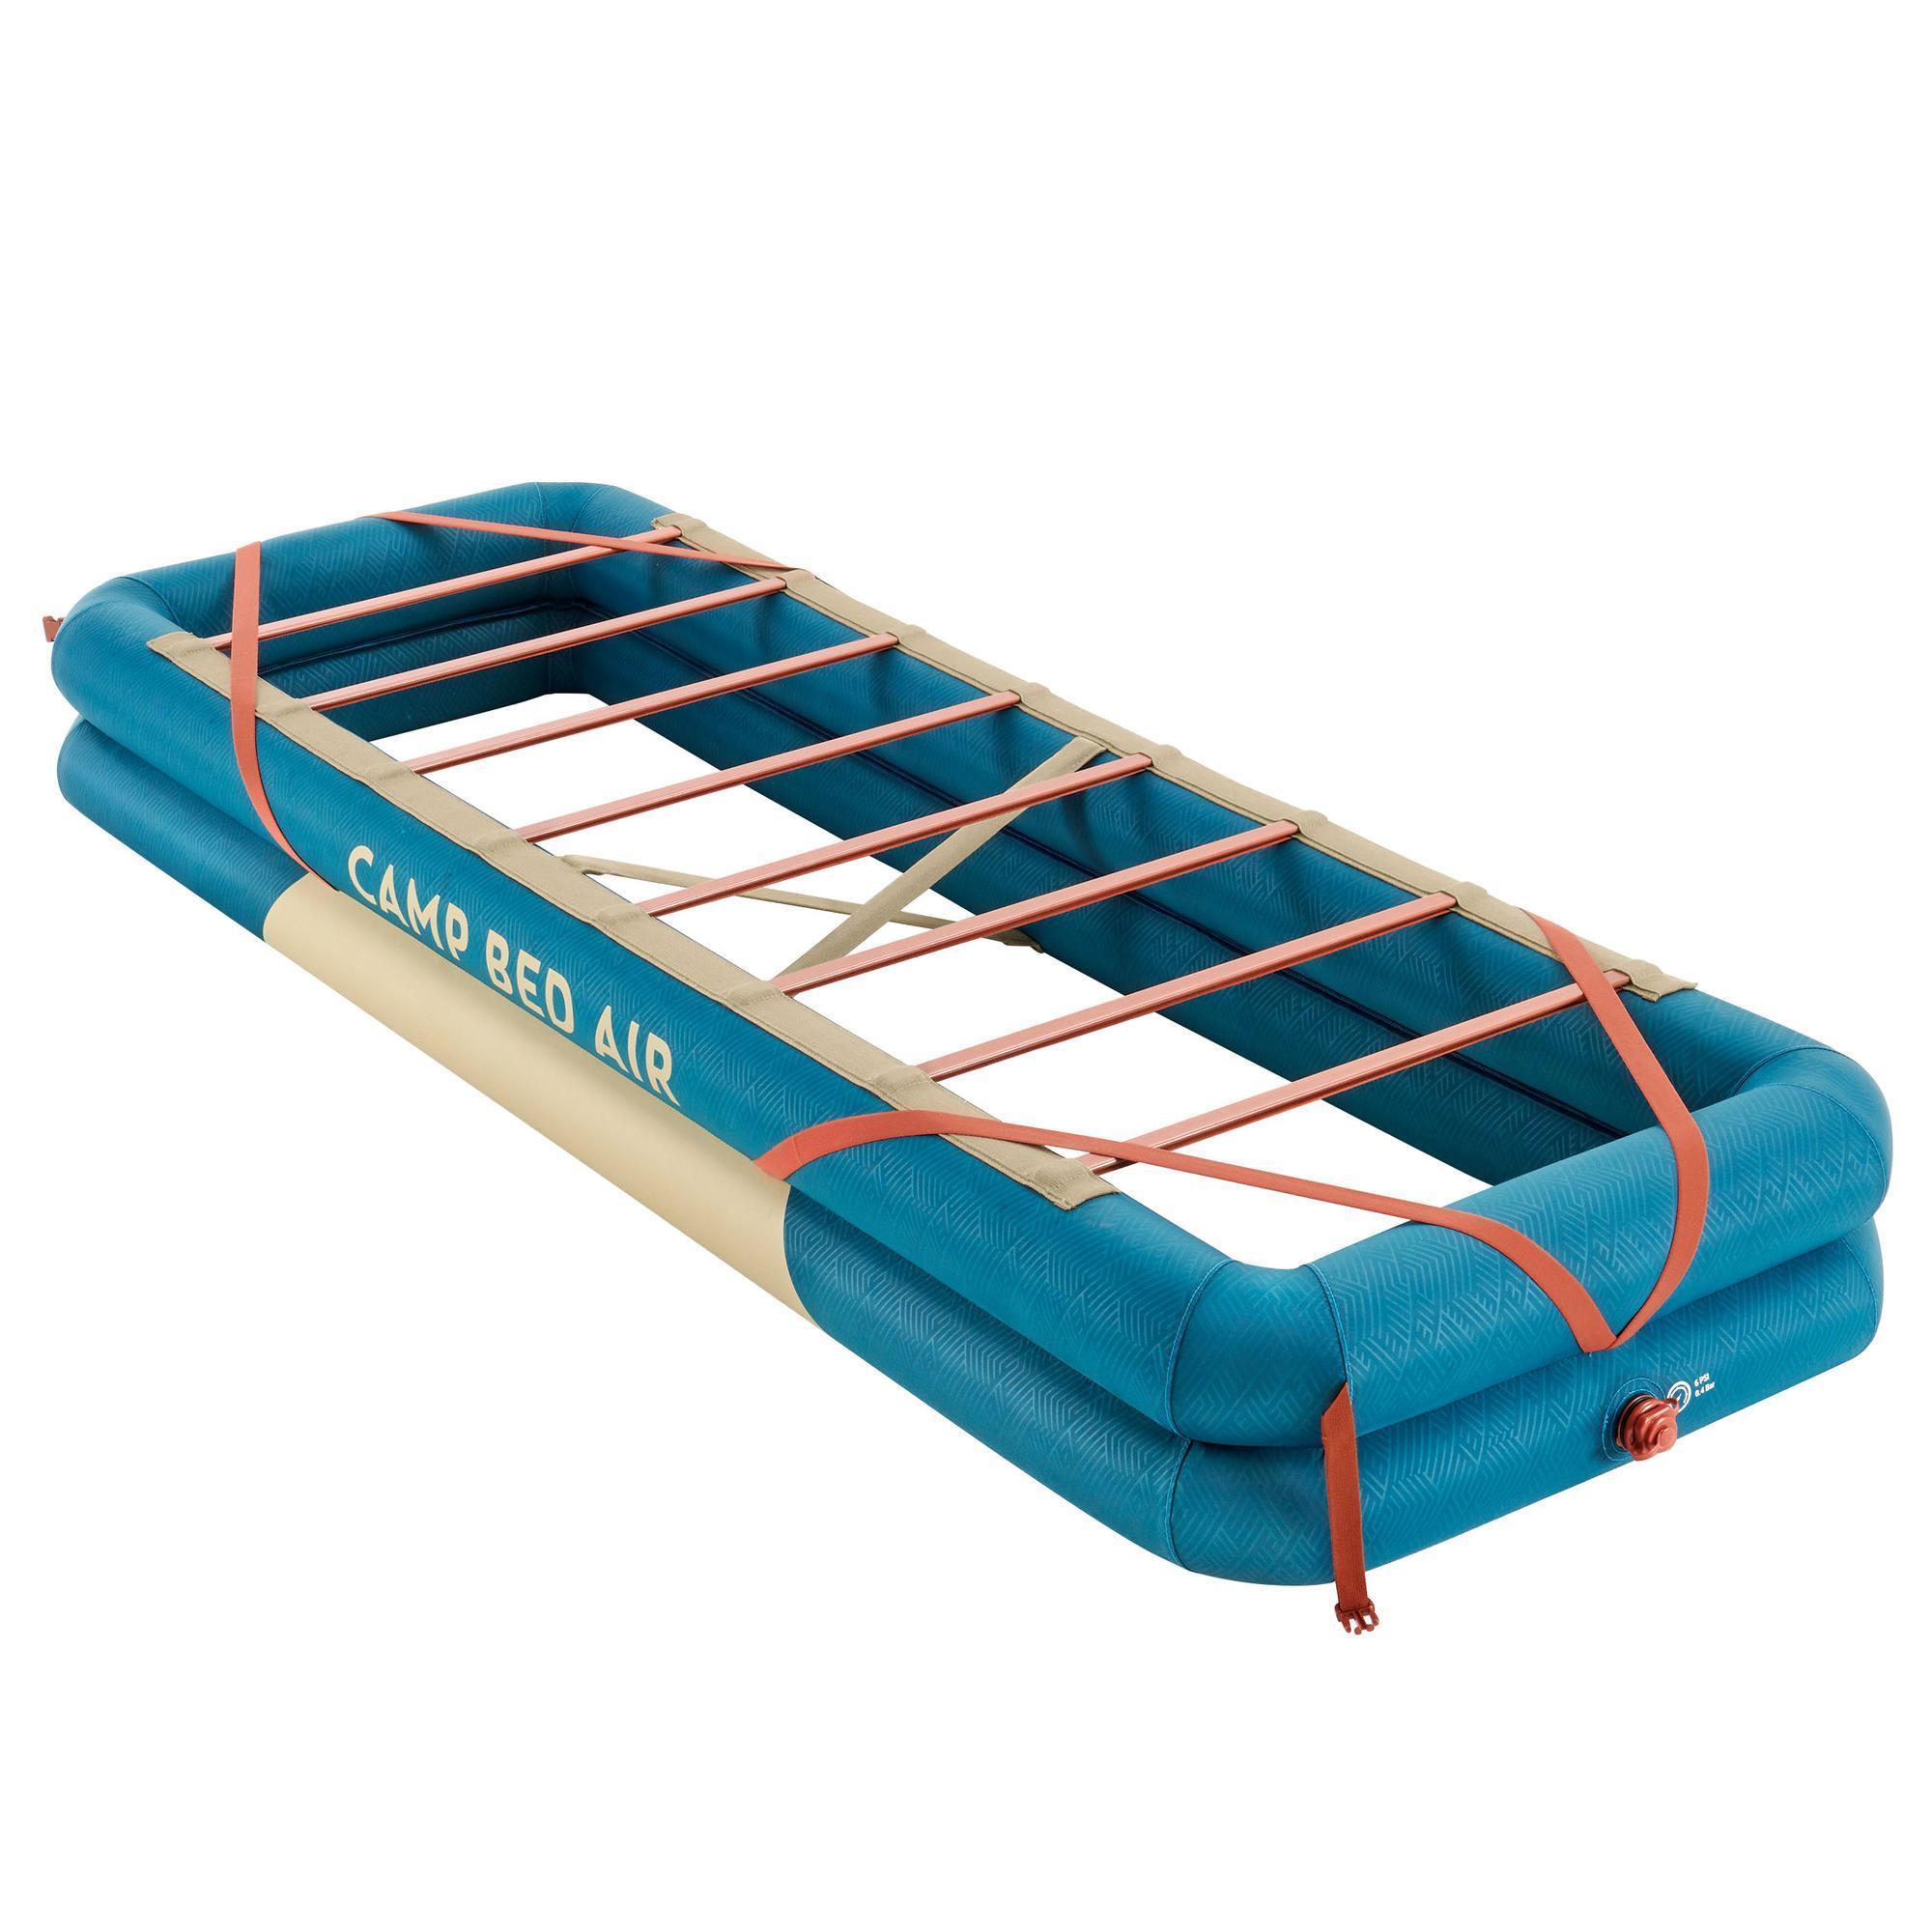 (Decathlon) Quechua Bed Air aufblasbares Gäste-/Campingbett (70x200cm)